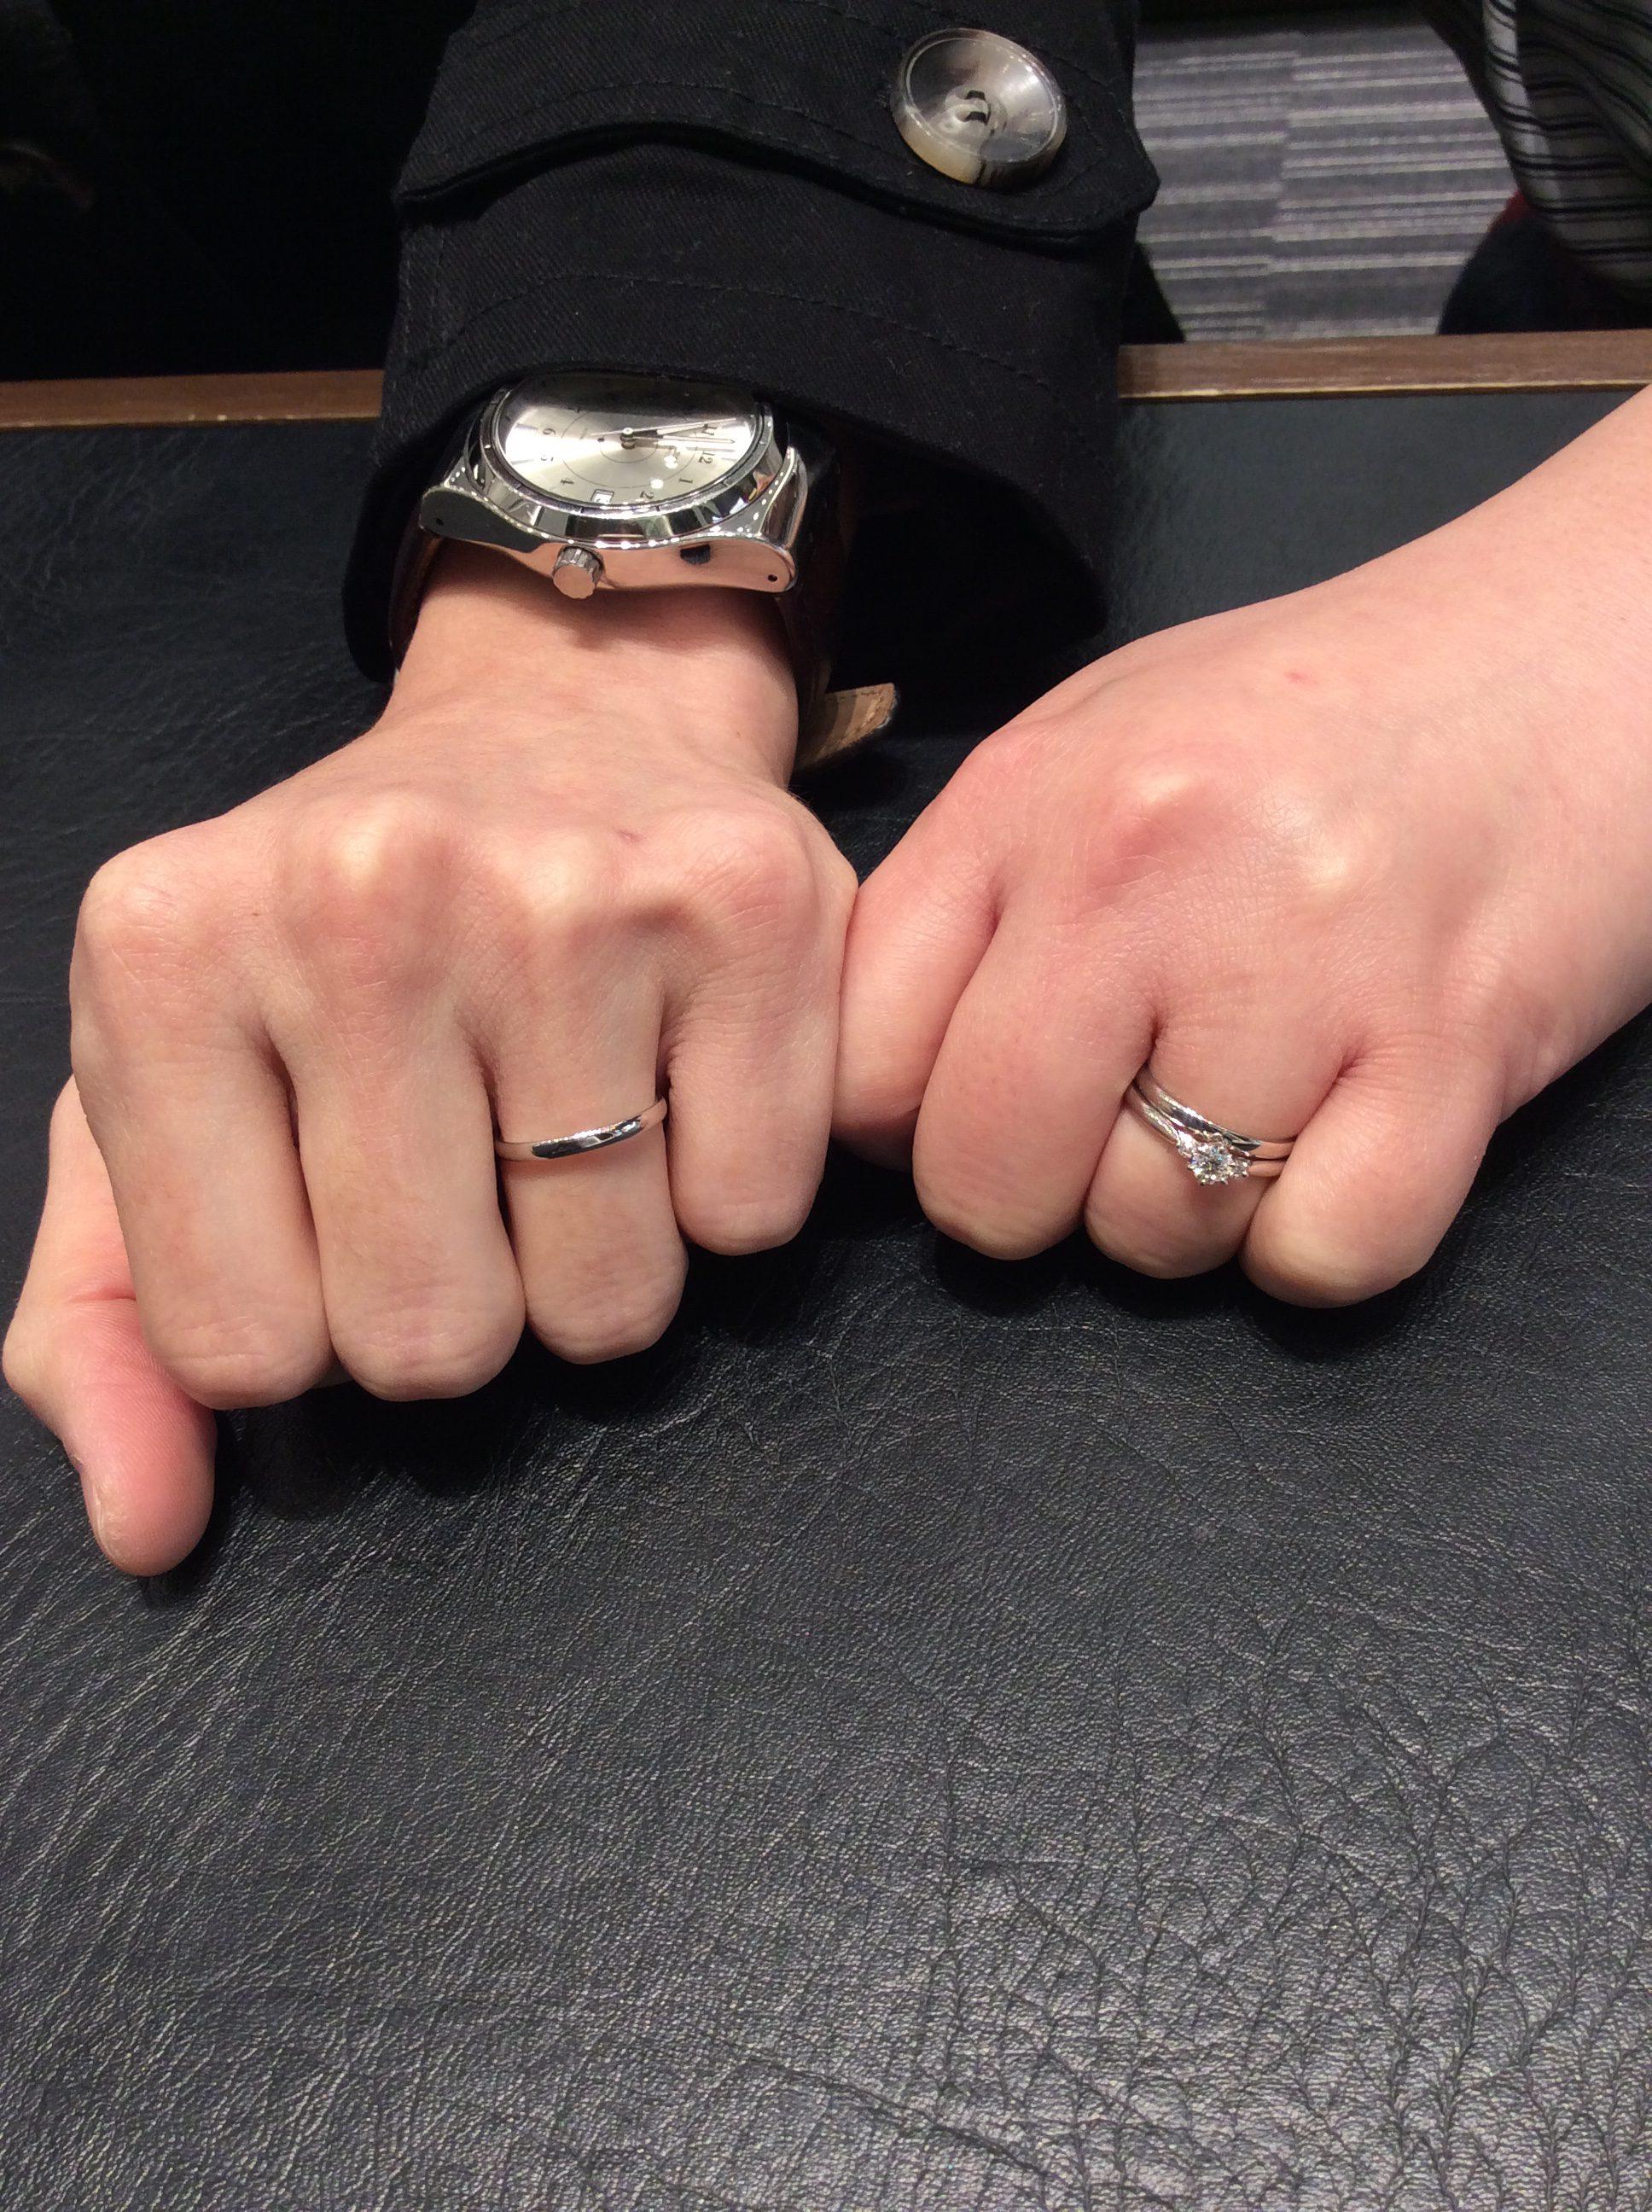 【婚約指輪・結婚指輪】俄(にわか)「白鈴(しろすず)&ことほぎ」をご成約/新潟市R様・Y様